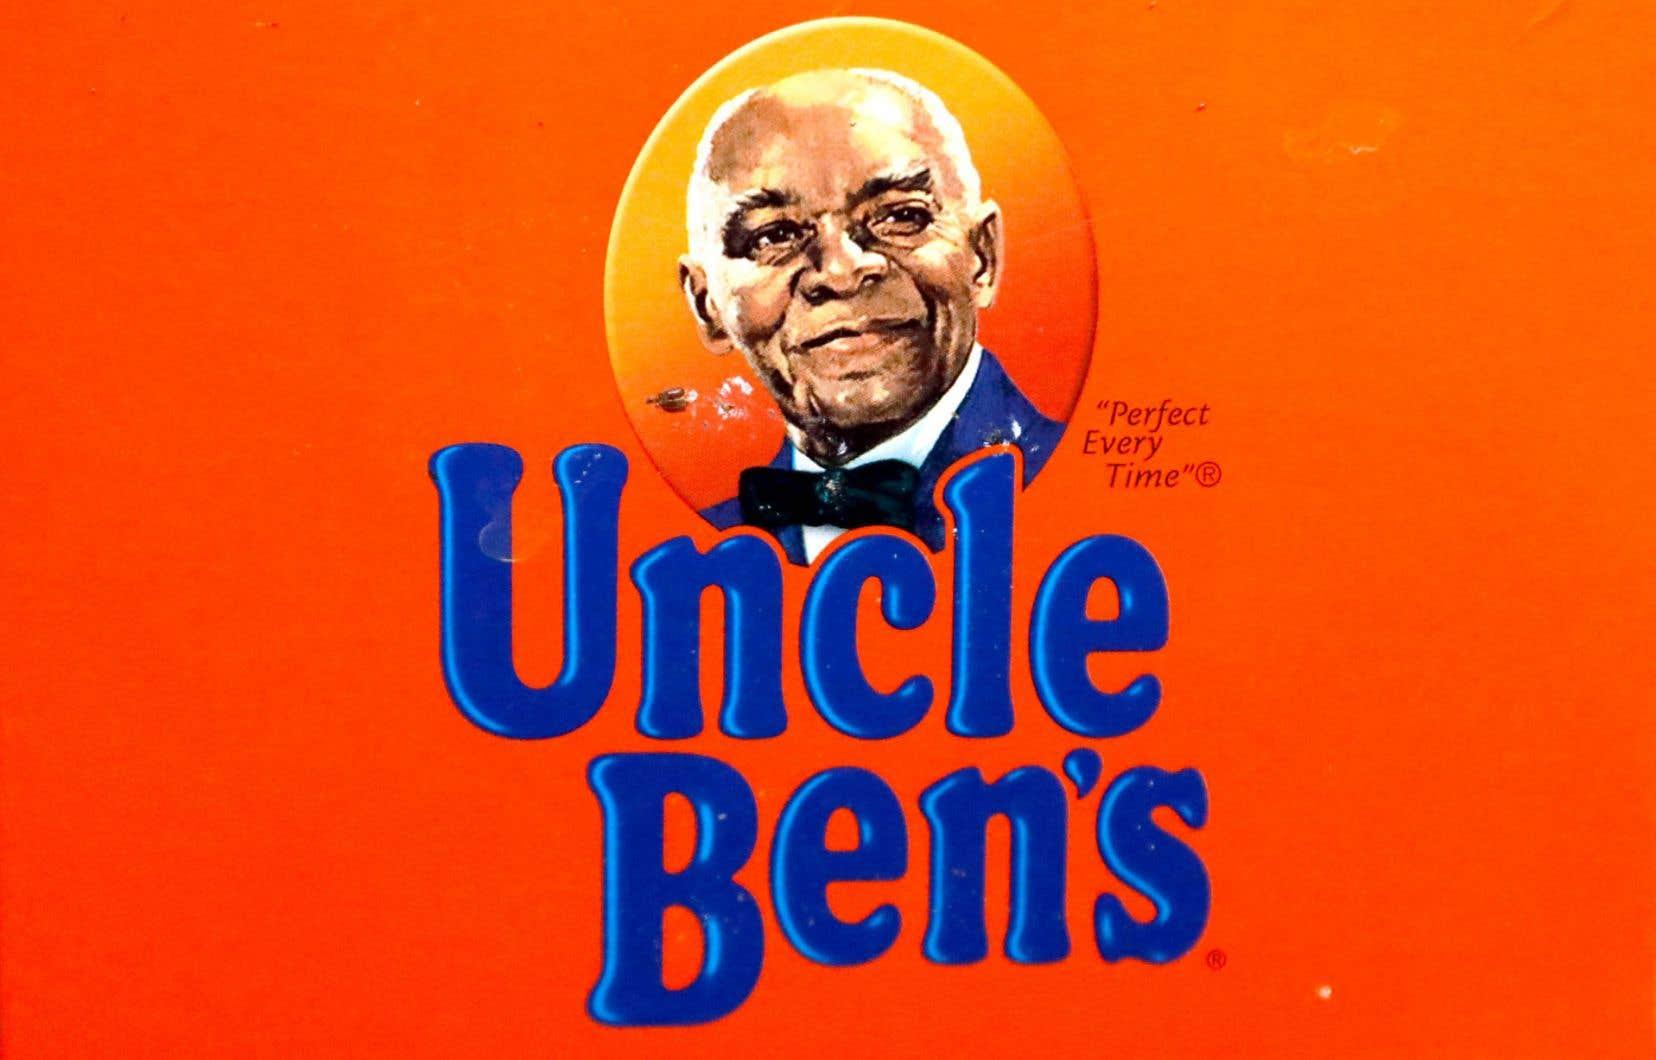 Accusé de diffuser des stéréotypes raciaux, notamment depuis le mouvement Black Lives Matter, le géant de l'agroalimentaire Mars a annoncé que le nom et le visuel de sa marque Uncle Ben's seront remplacés en 2021.